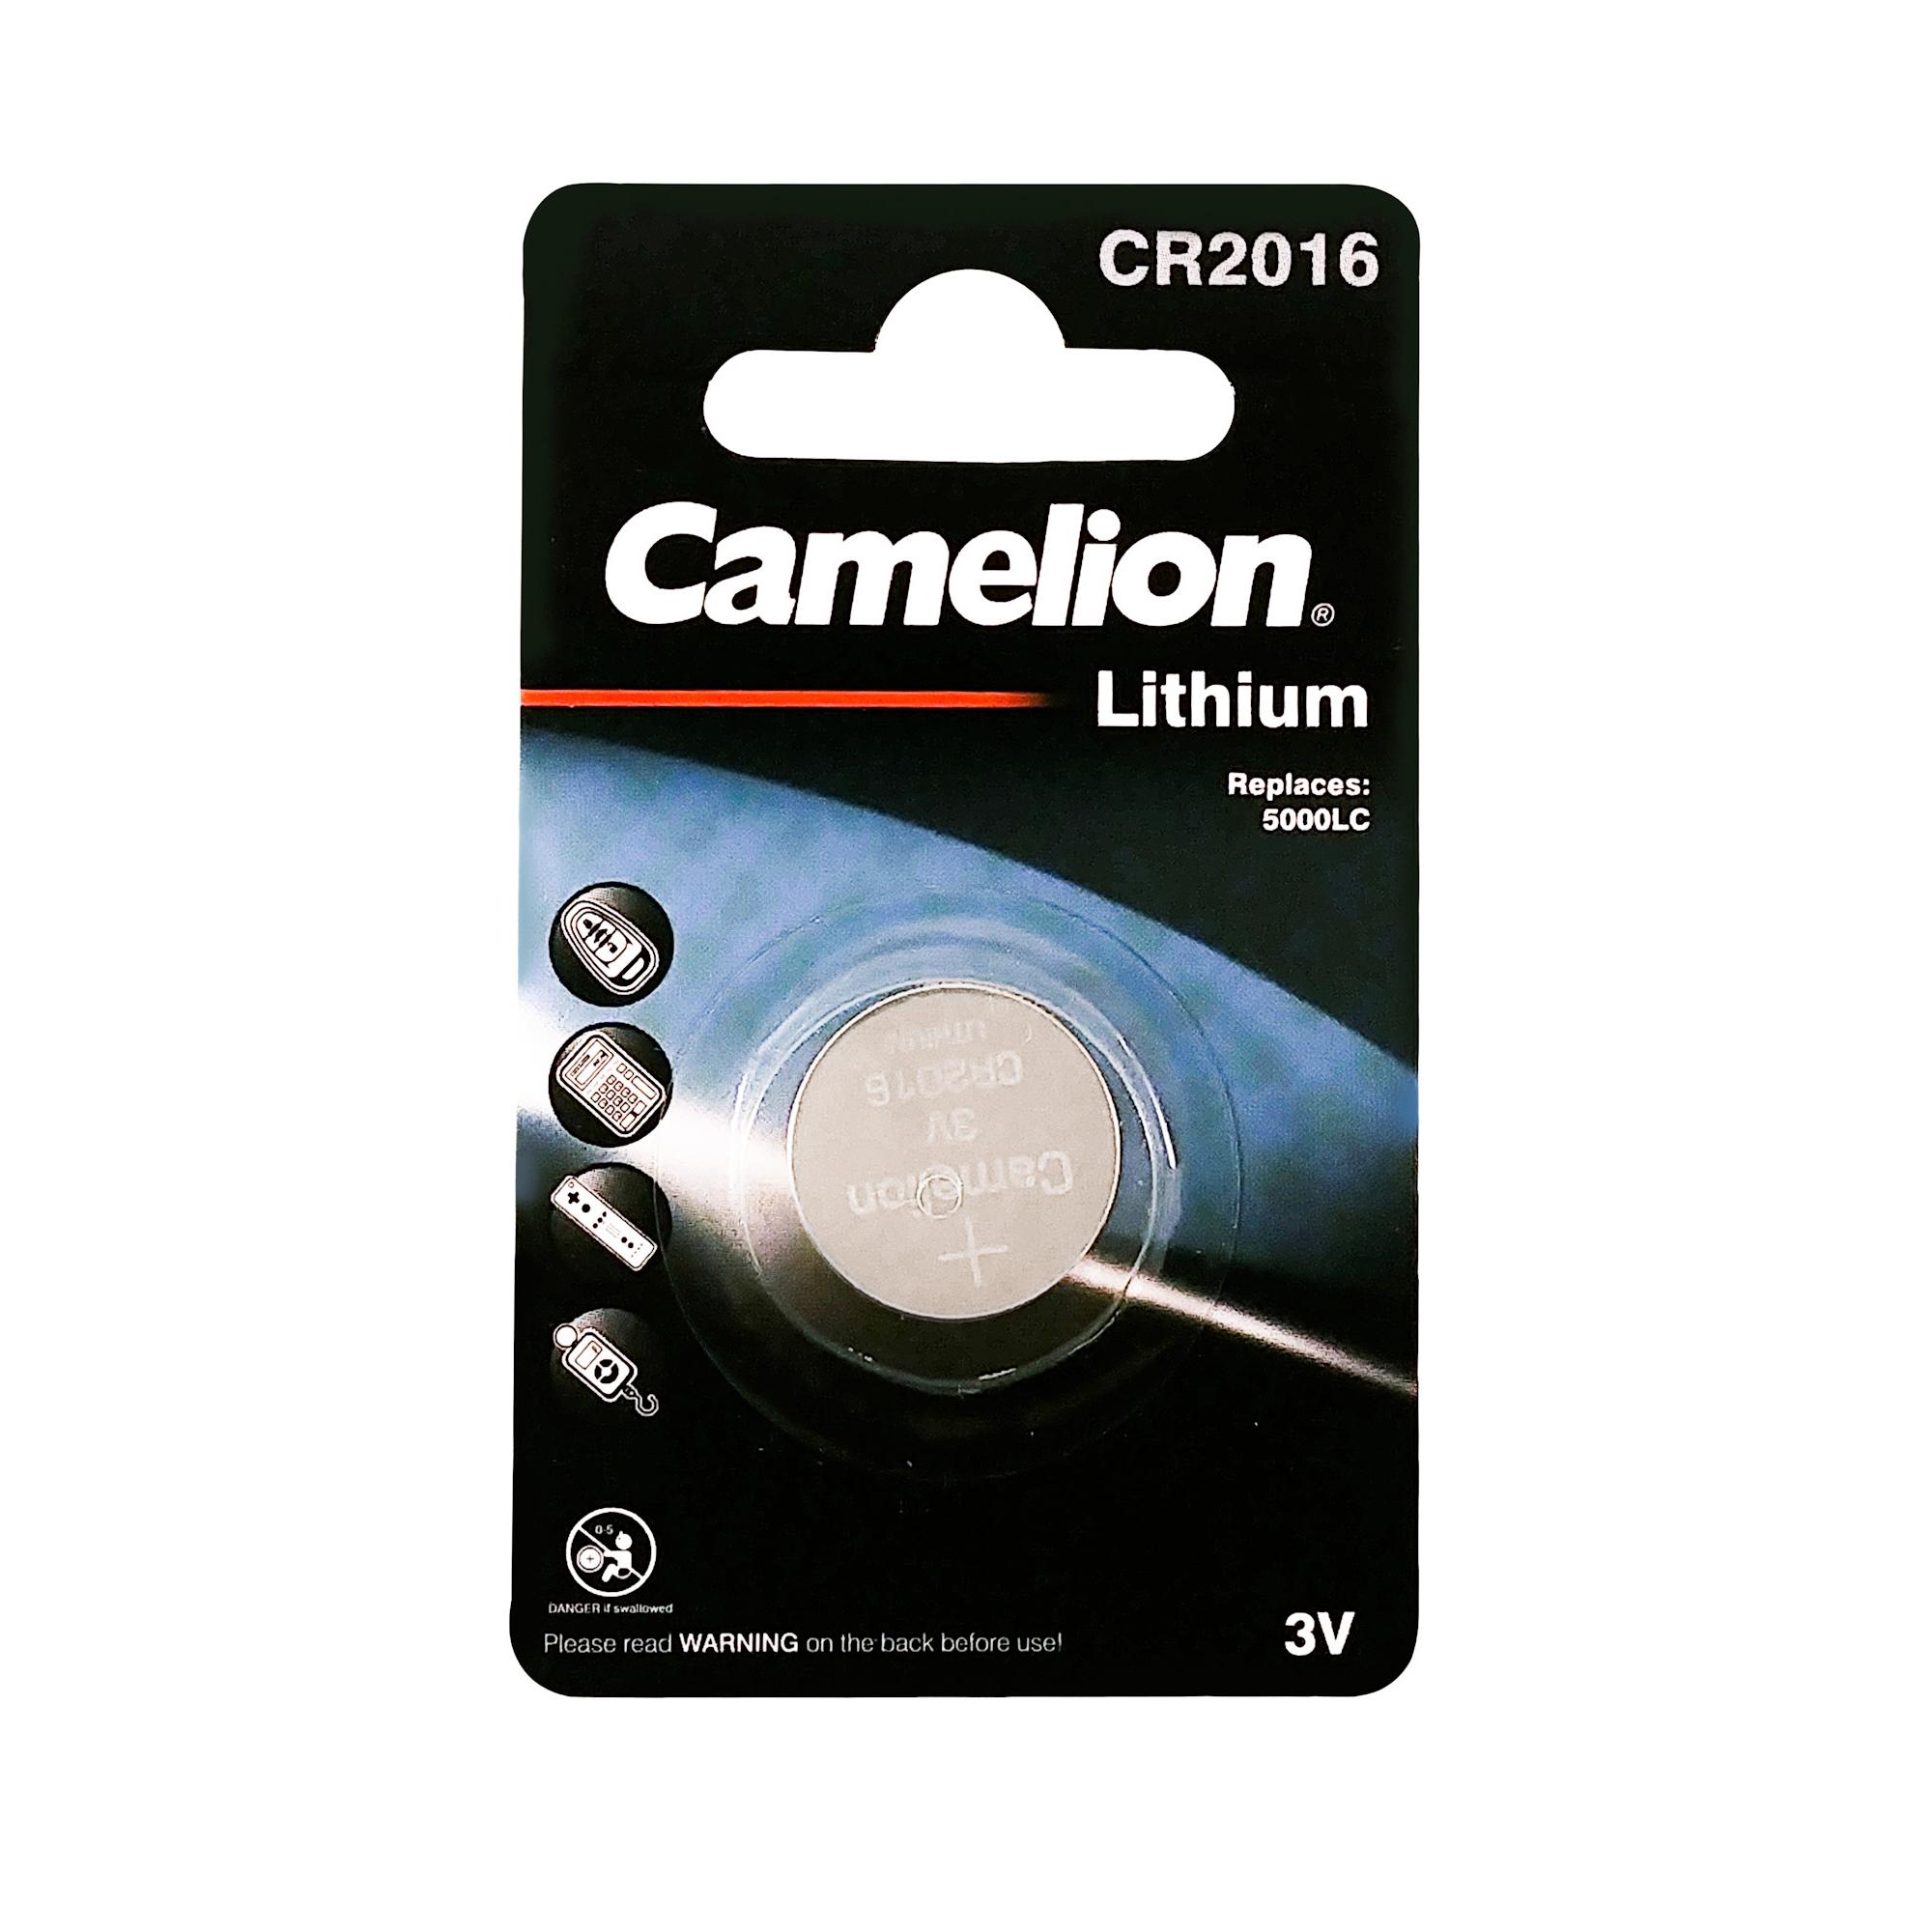 بررسی و {خرید با تخفیف}                                     باتری سکه ای کملیون مدل CR2016                             اصل